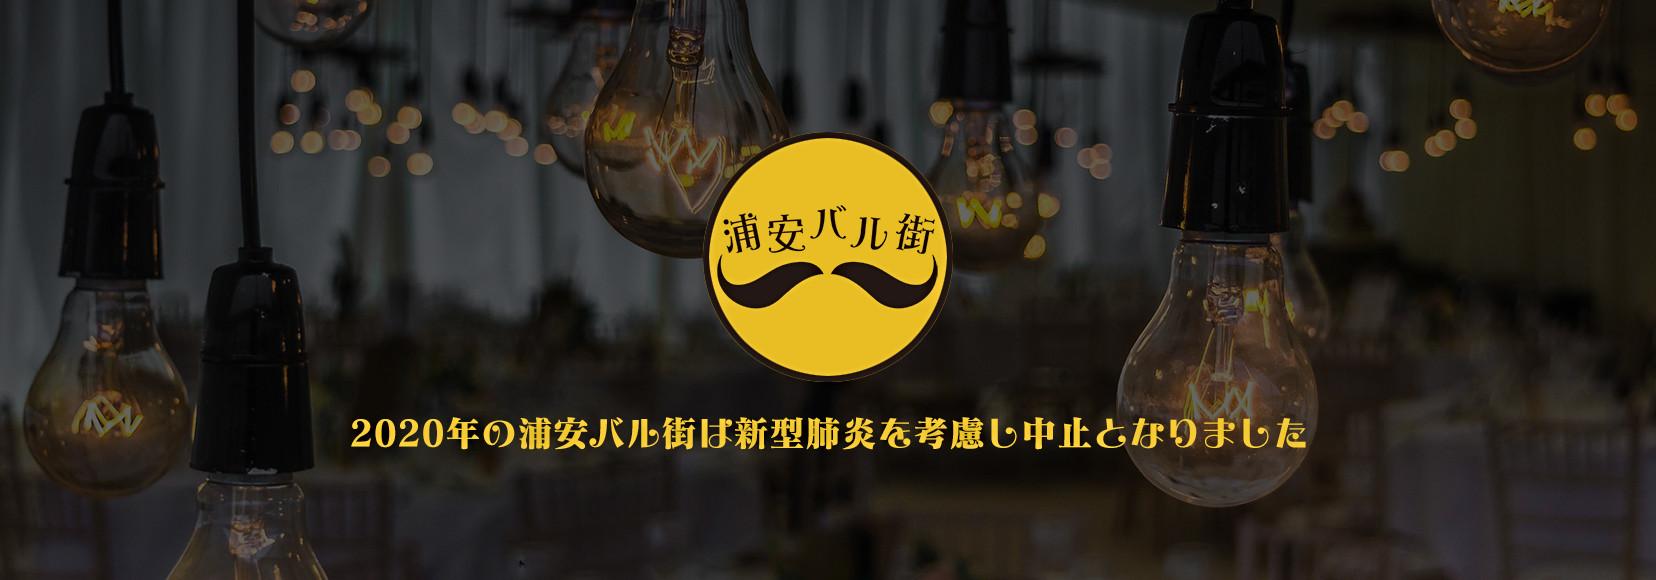 urayasu_web_head_img_2020.jpg